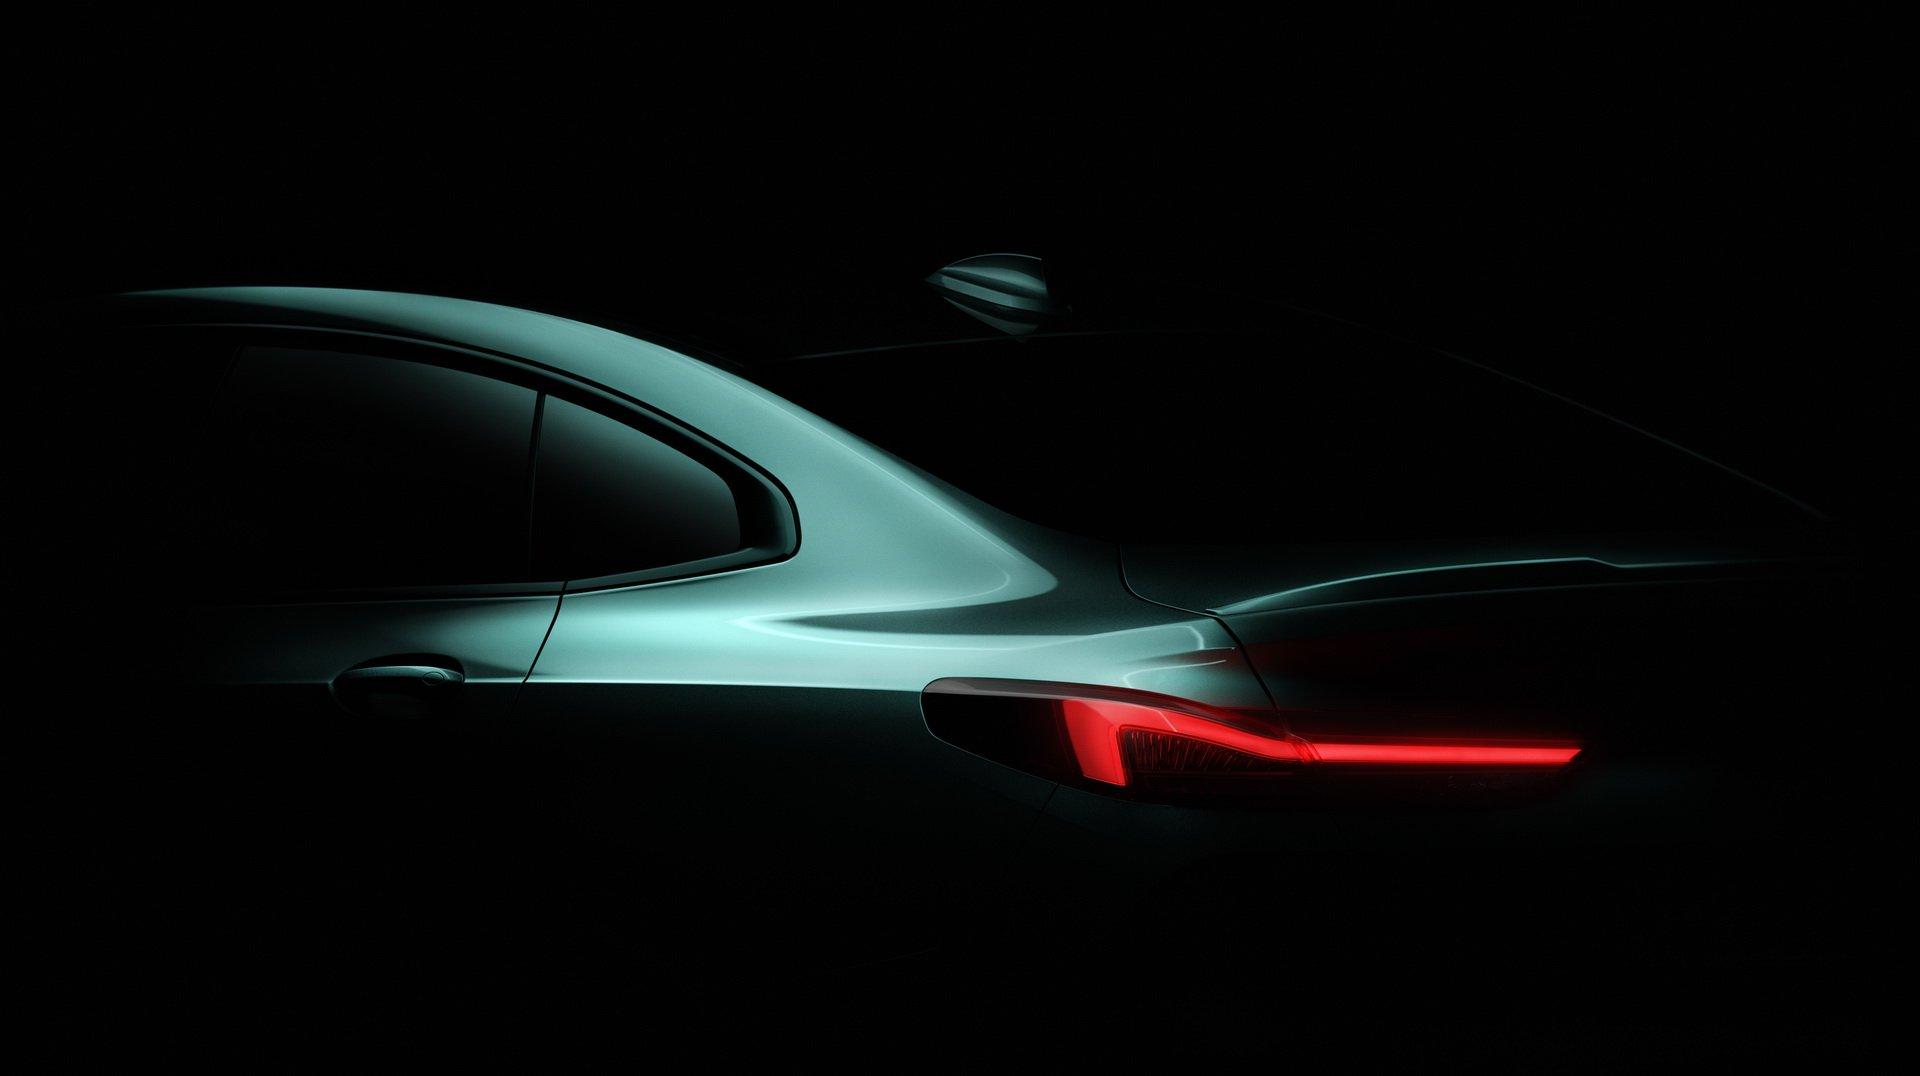 BMW mostra primeira imagem do novo Série 2 Gran Coupé